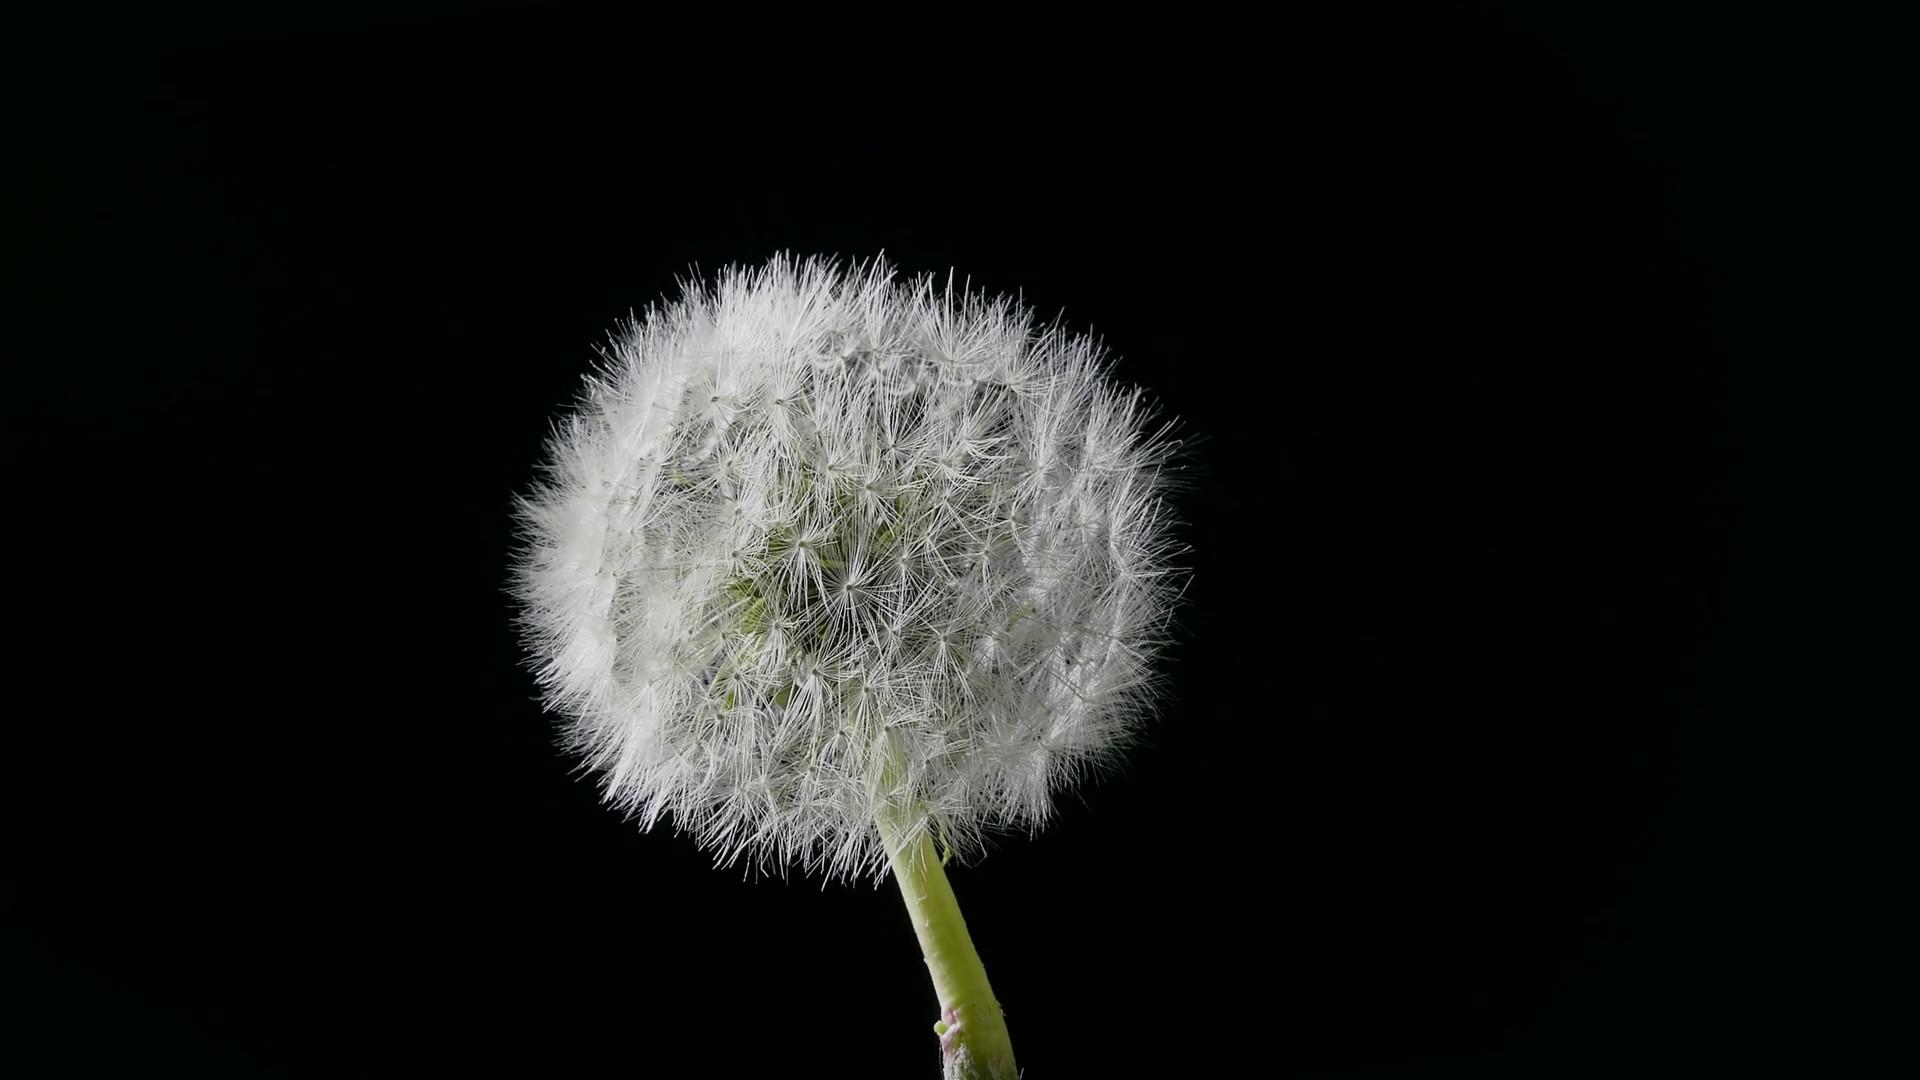 Res: 1920x1080, Dandelion blowing / Dandelion in the wind / Dandelion head. Seeds of  dandelion resisting gusts of air flow. Stock Video Footage - Videoblocks